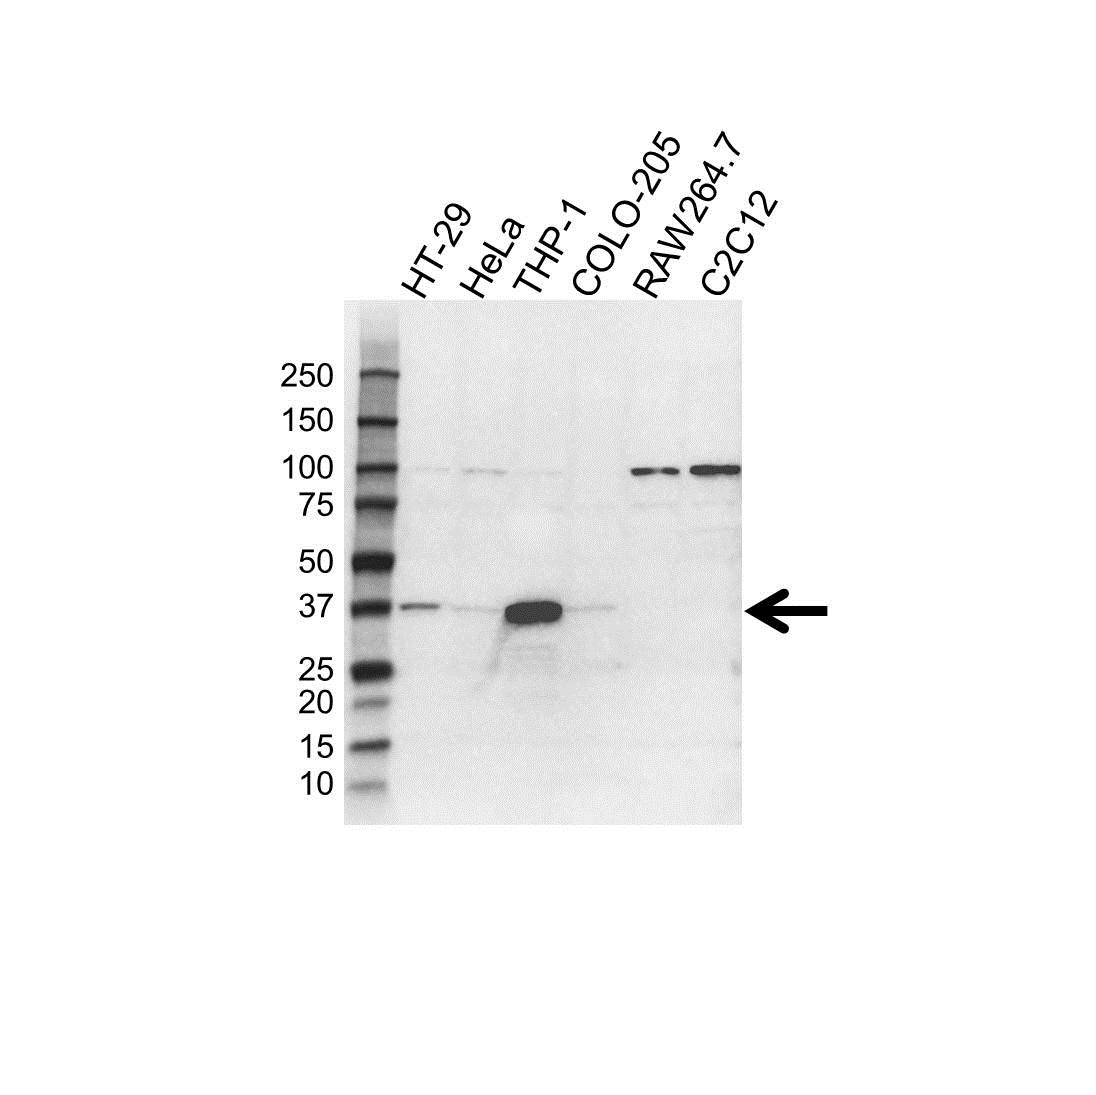 Anti TMEM173 Antibody, clone 4H1 (PrecisionAb Monoclonal Antibody) gallery image 1